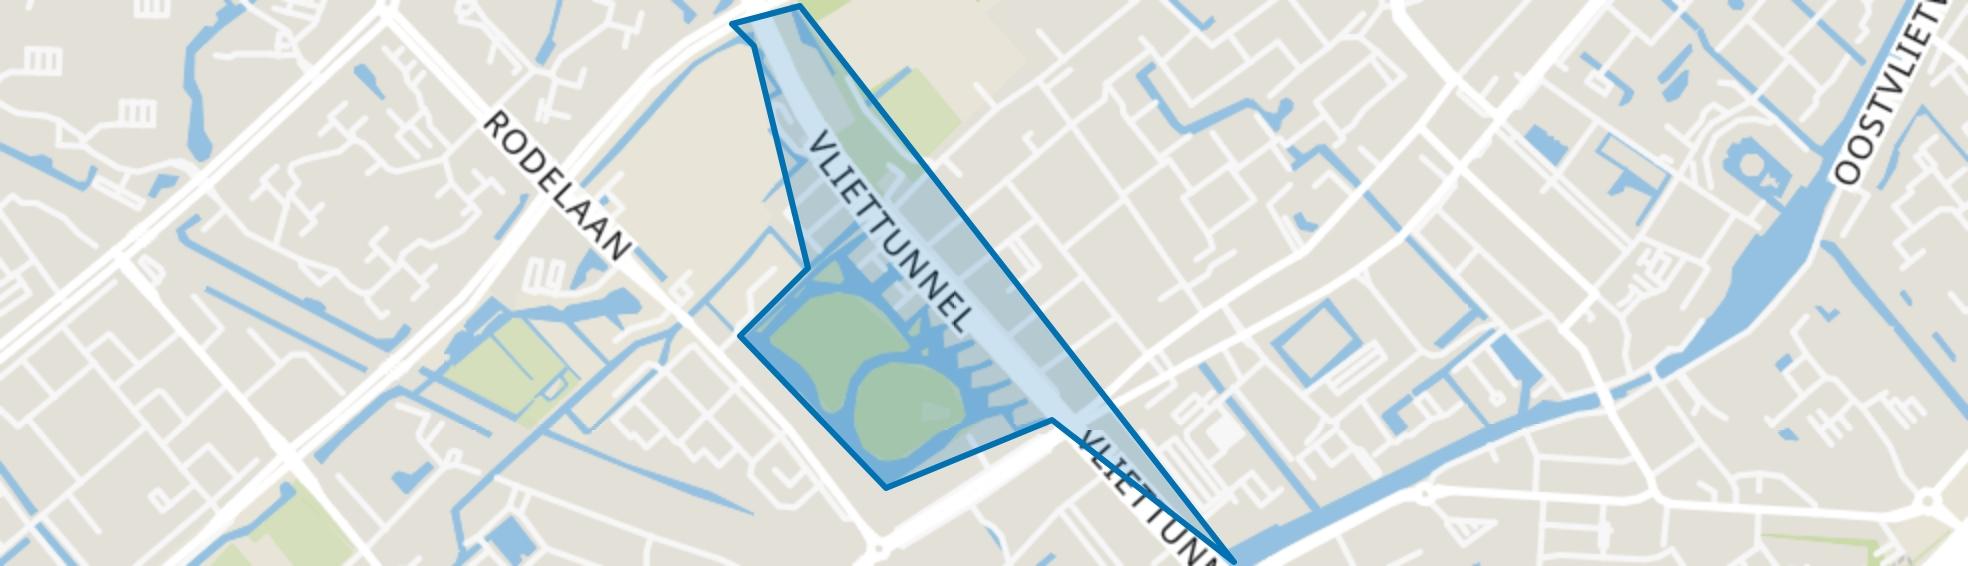 Sijtwende, Voorburg map